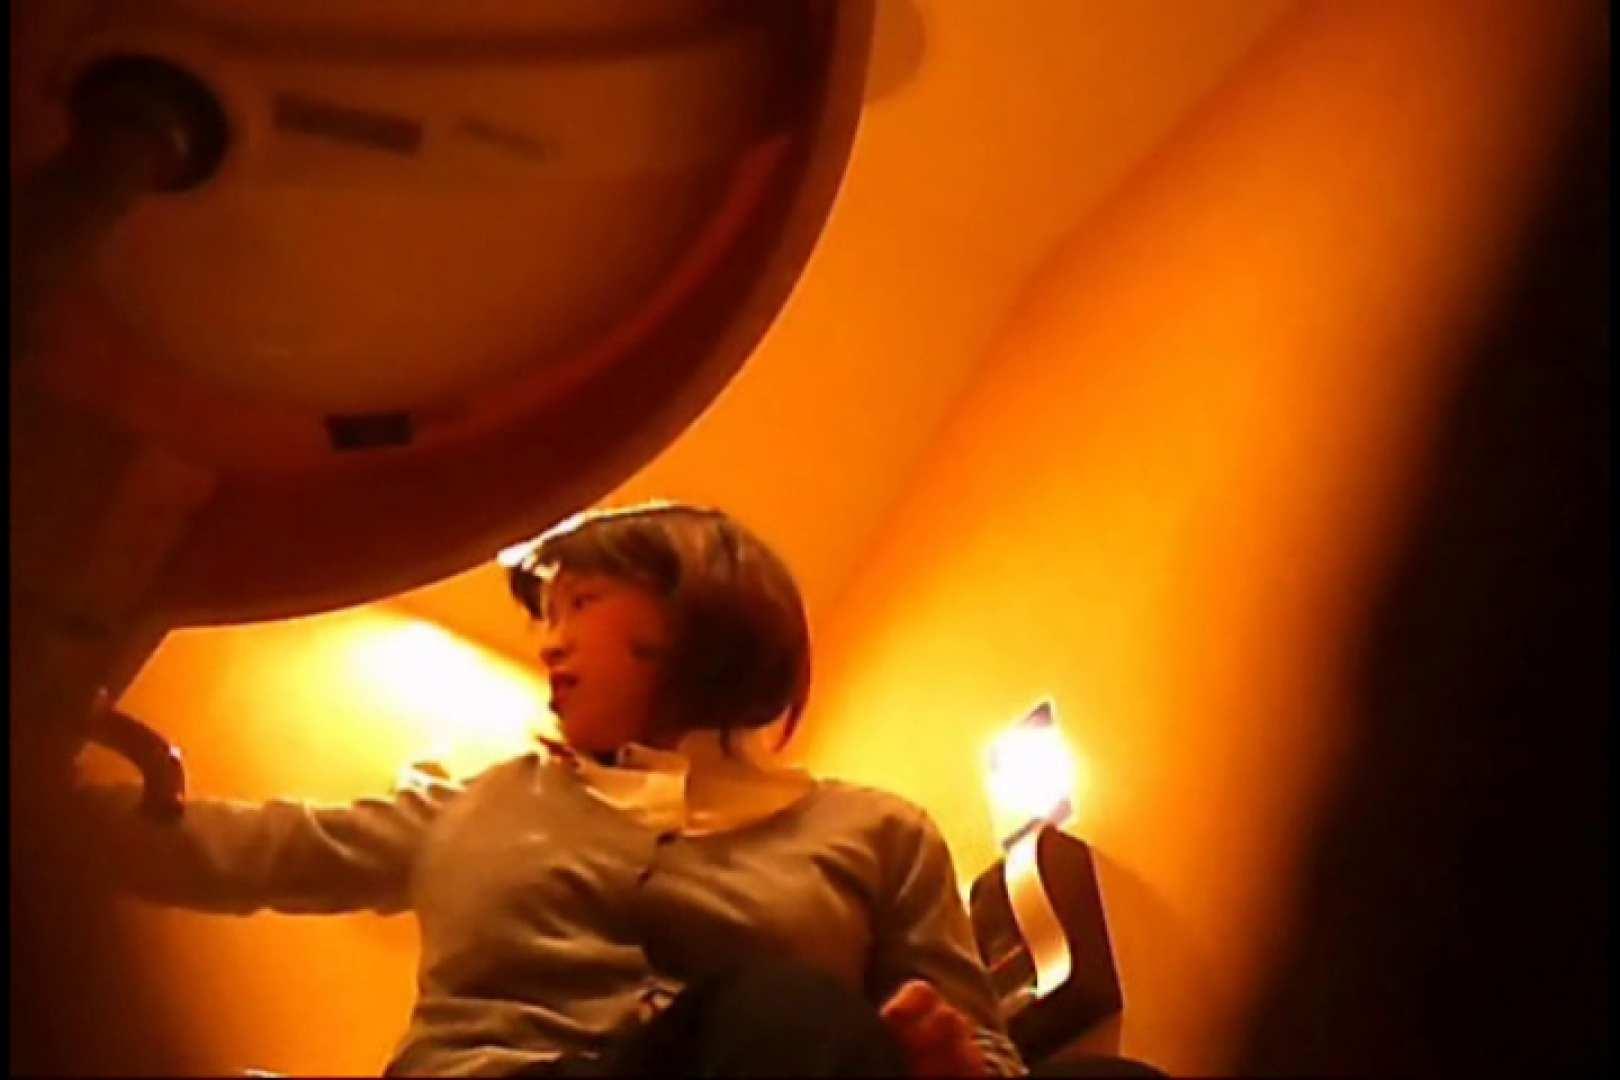 画質向上!新亀さん厠 vol.75 オマンコ特別編 オマンコ無修正動画無料 56枚 16